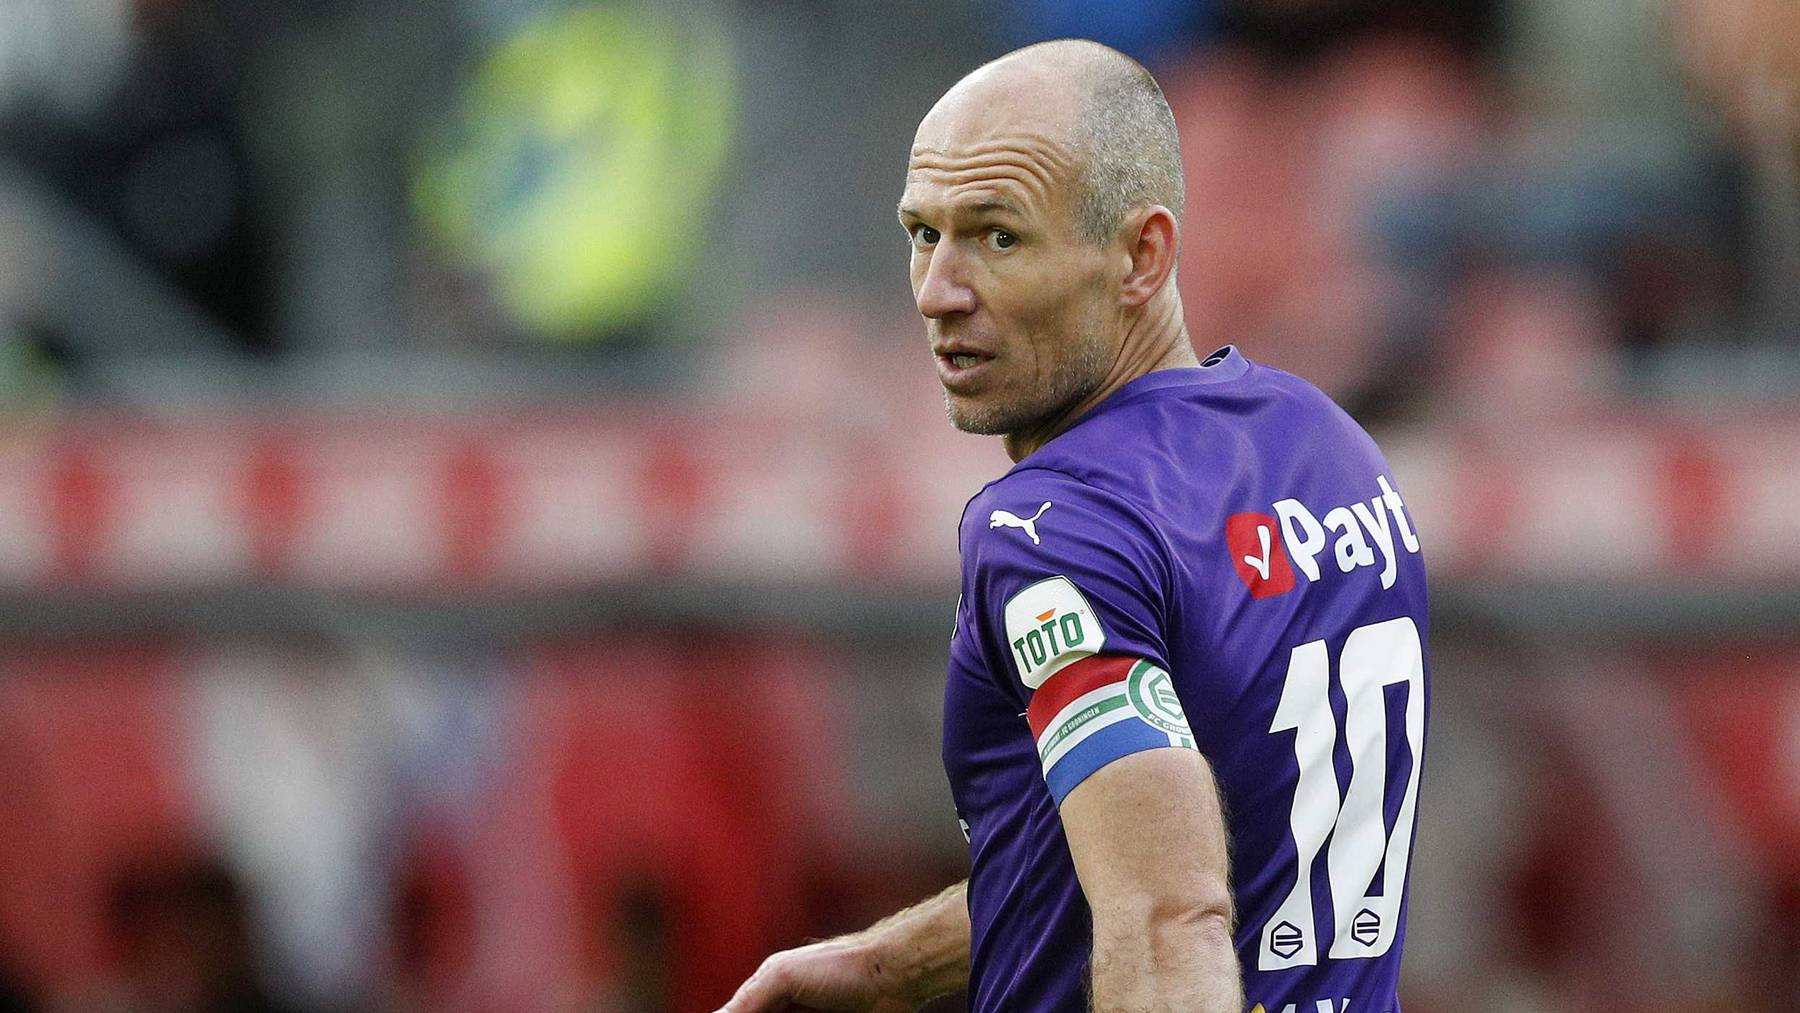 Der FC Groningen ist die letzte Station in Arjen Robbens Karriere.